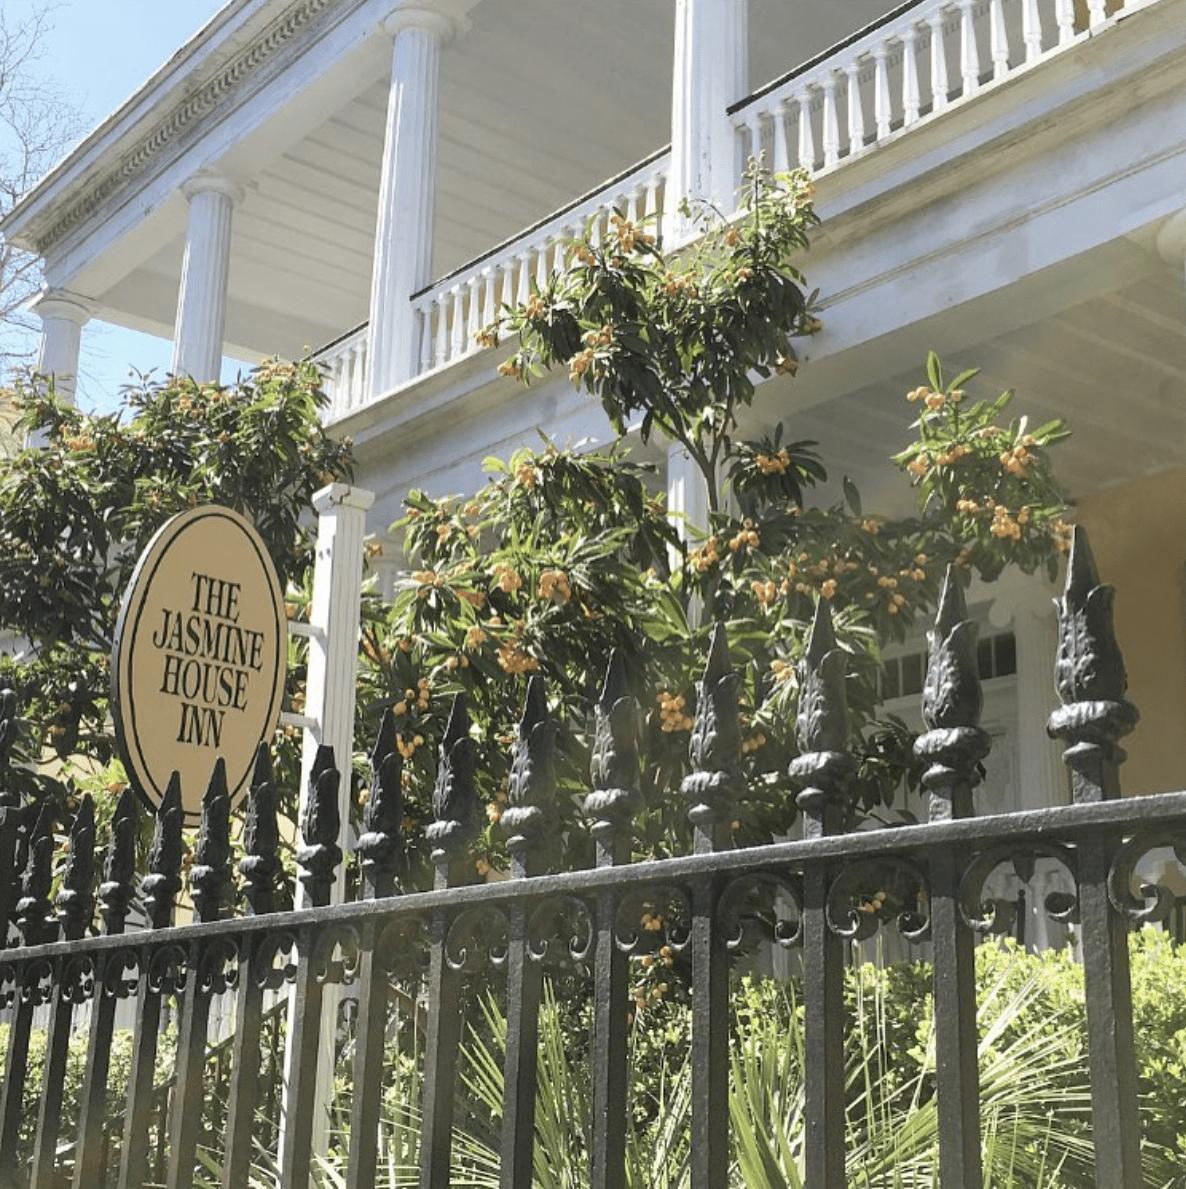 Jasmine House Inn Exterior